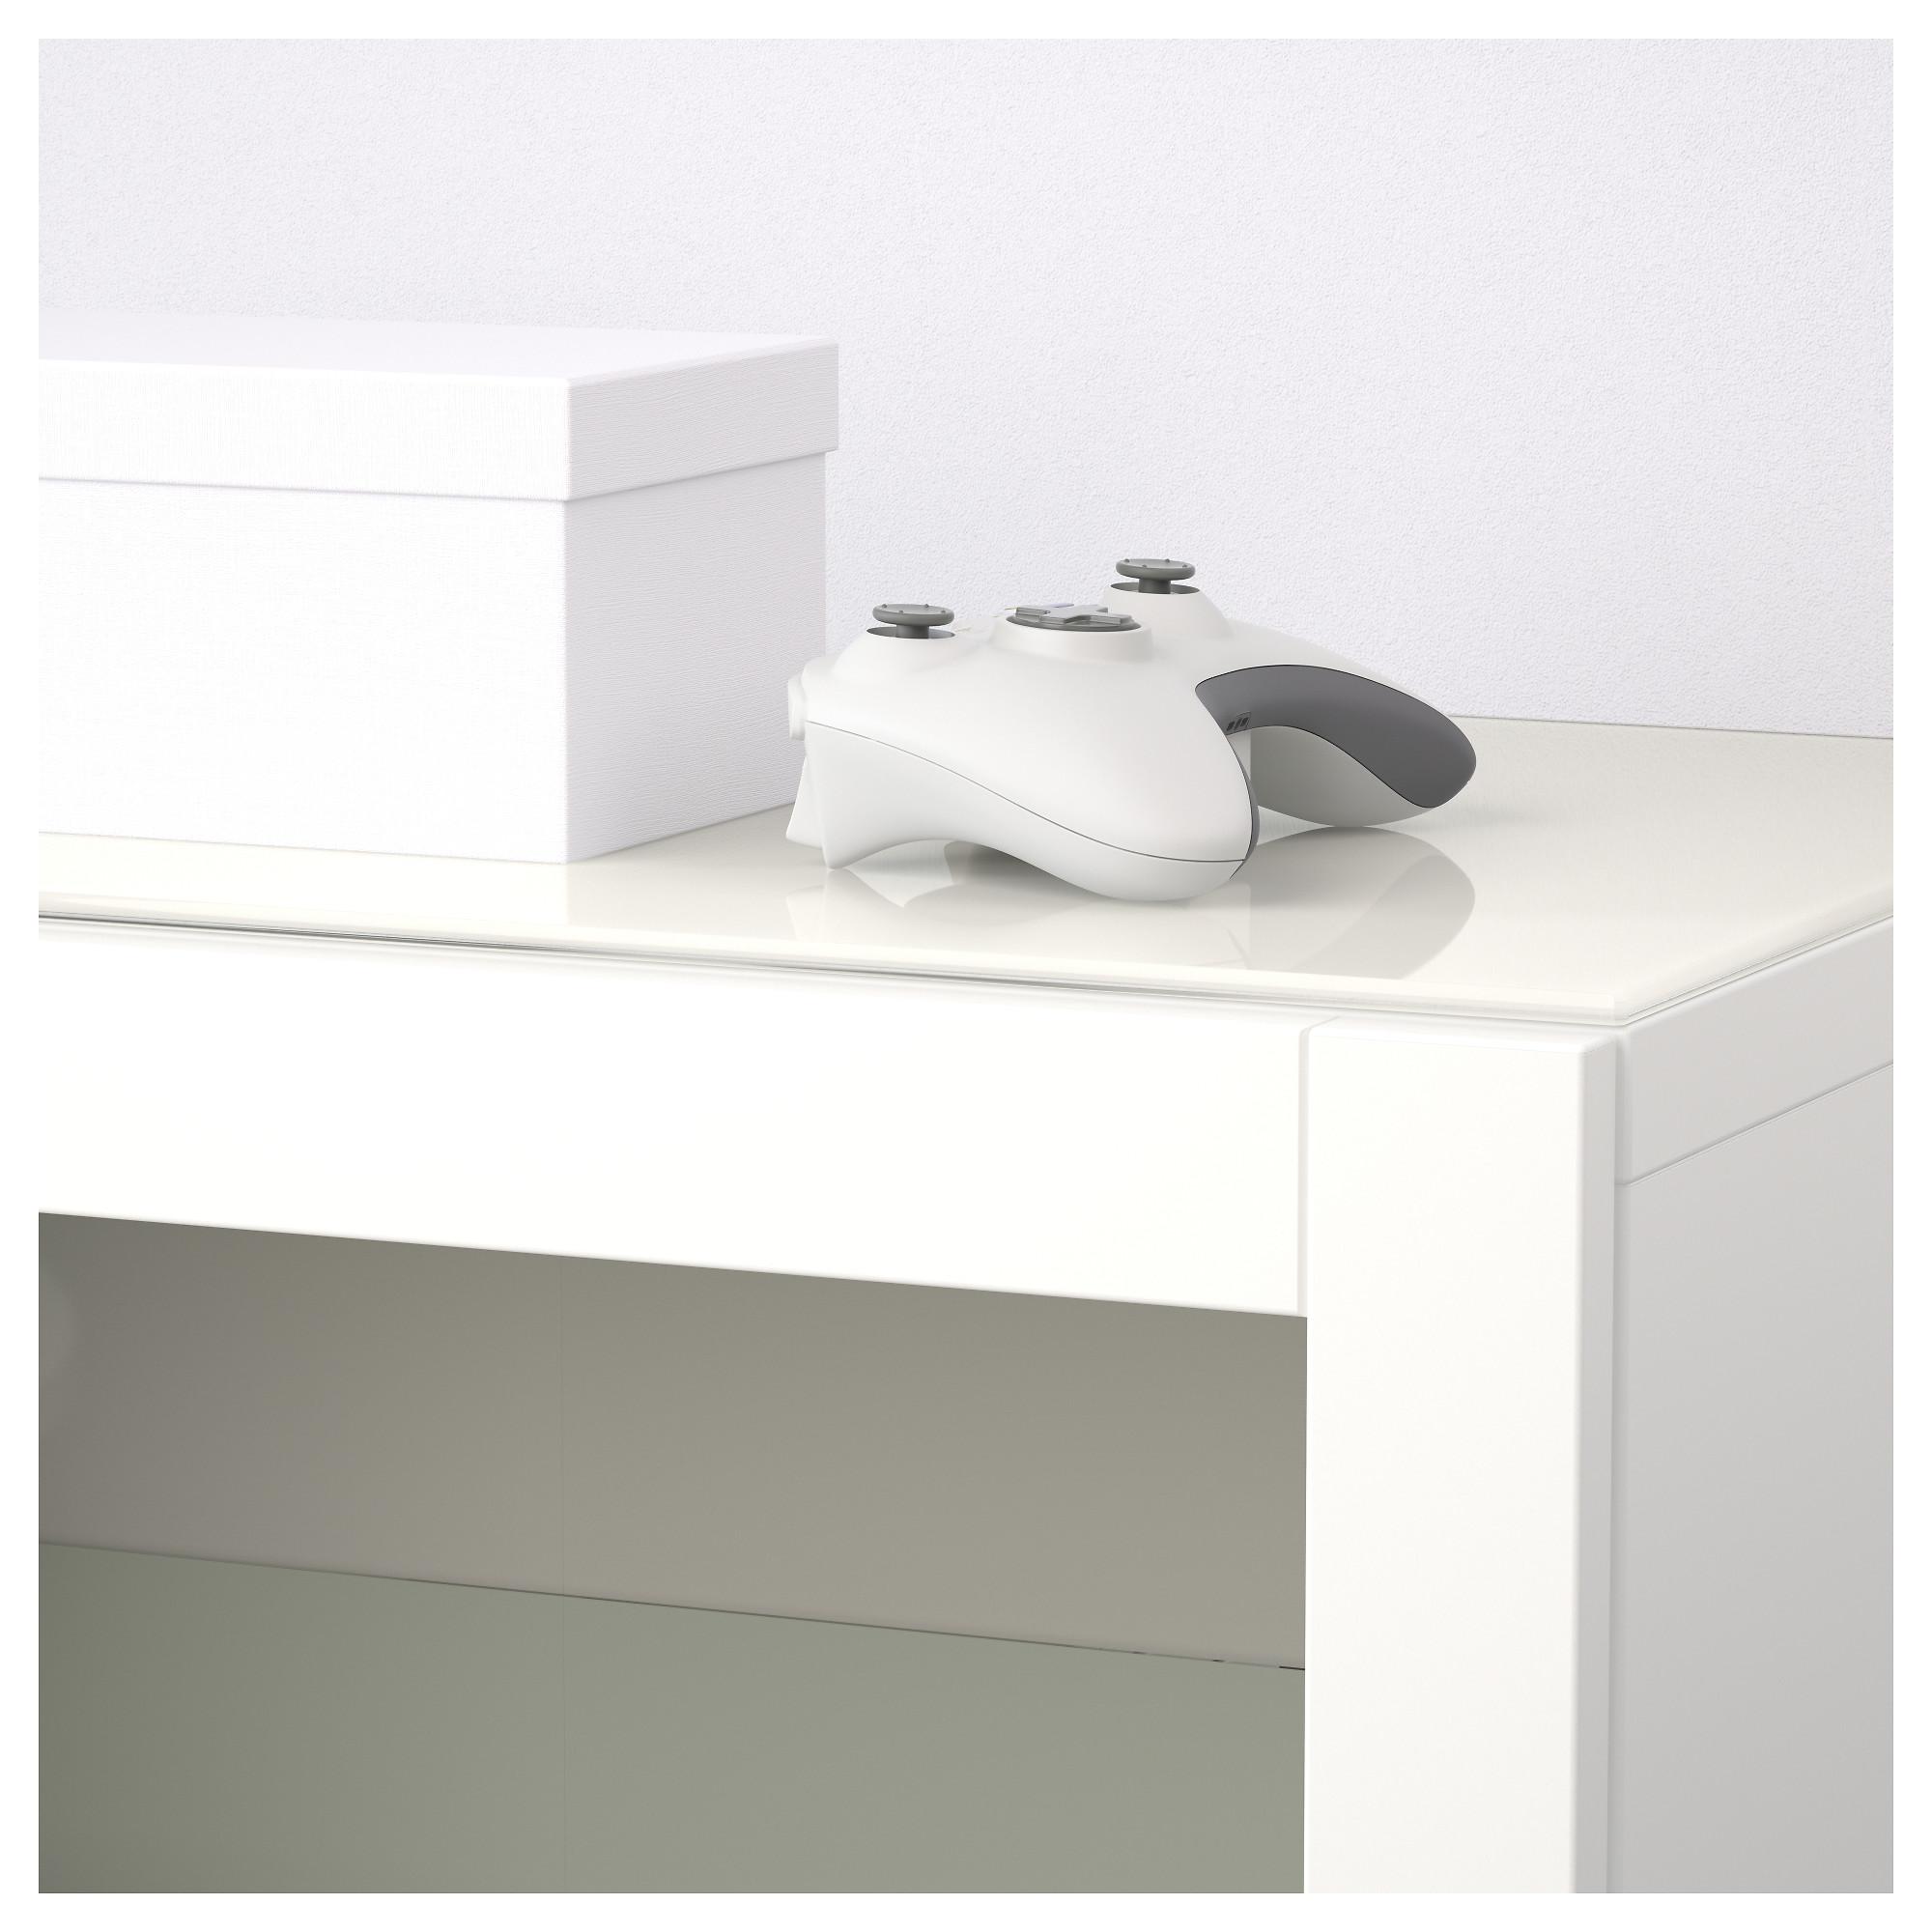 Шкаф для ТВ, комбинированный, стекляные дверцы БЕСТО белый артикуль № 392.462.42 в наличии. Online сайт IKEA Беларусь. Недорогая доставка и установка.